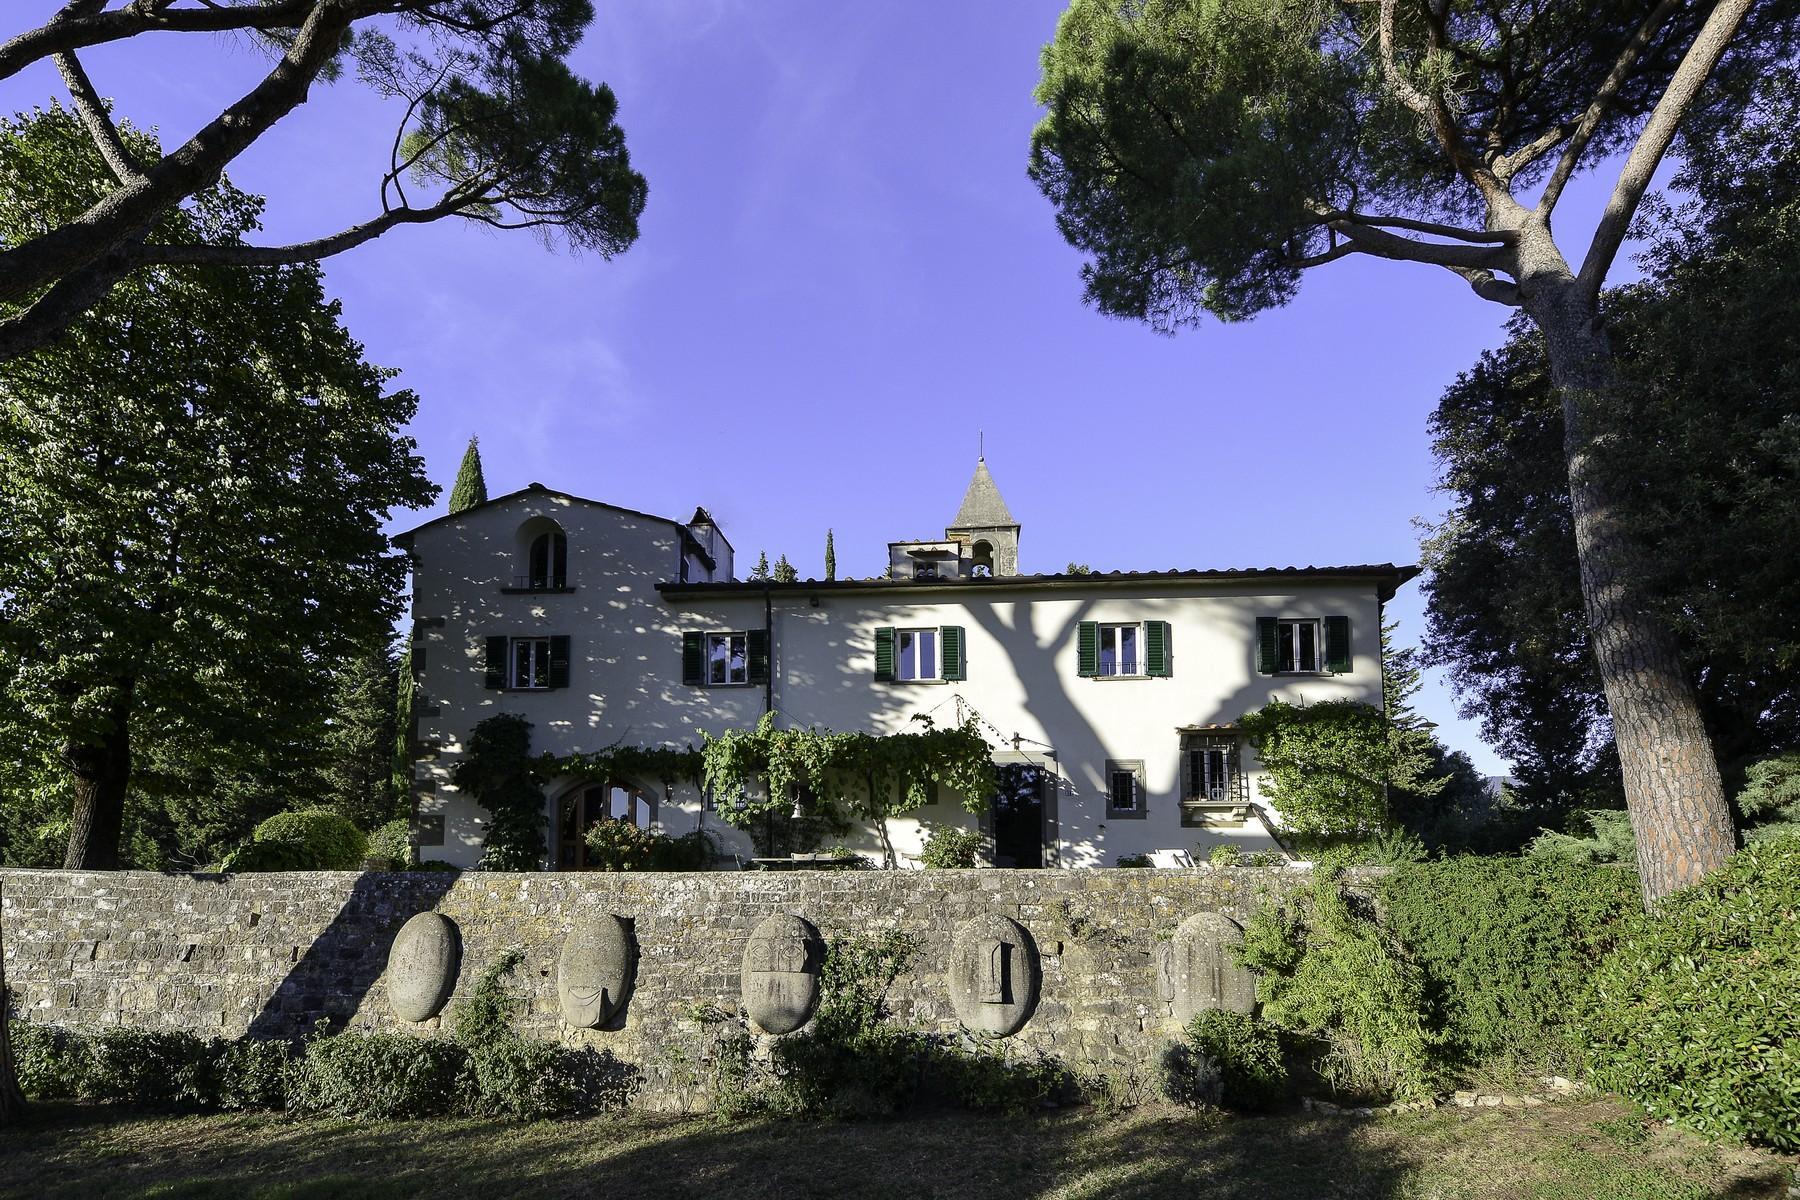 Résidence historique sur les collines de Fiesole - 3